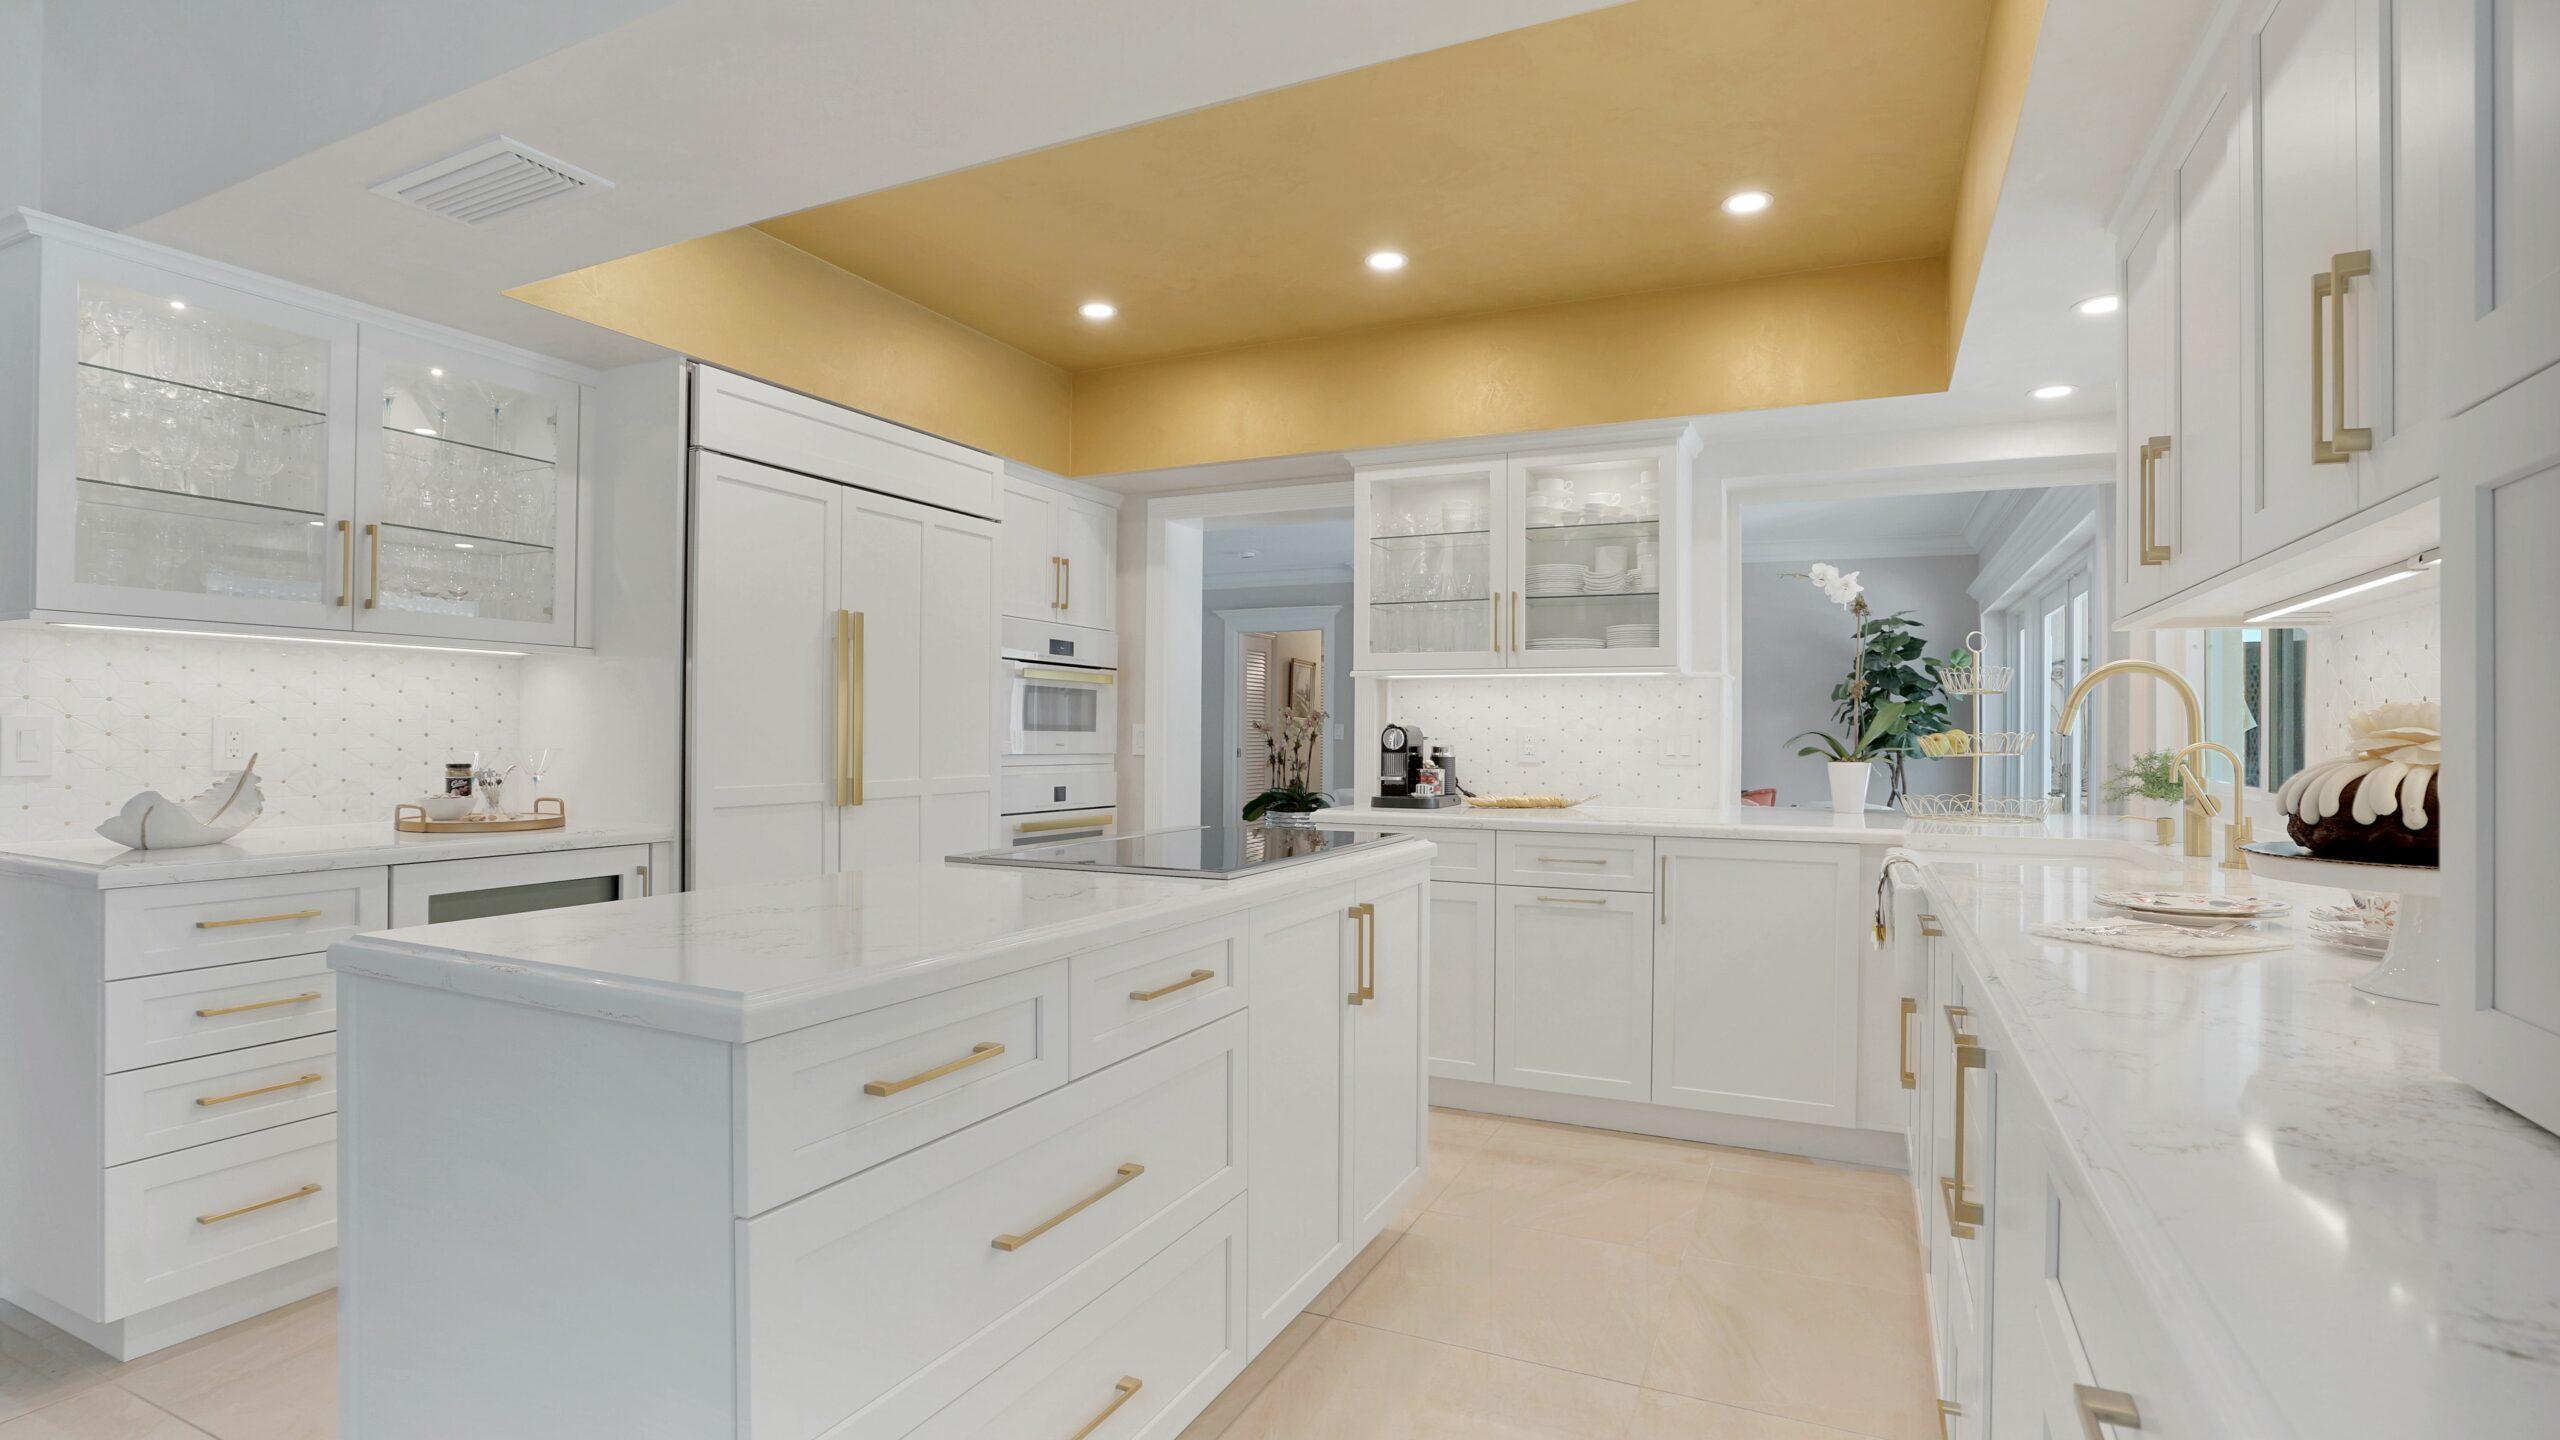 Kitchen Remodeling in Miami, Miami Beach, Coral Gables, Key Largo, South Miami, and Miami Lakes